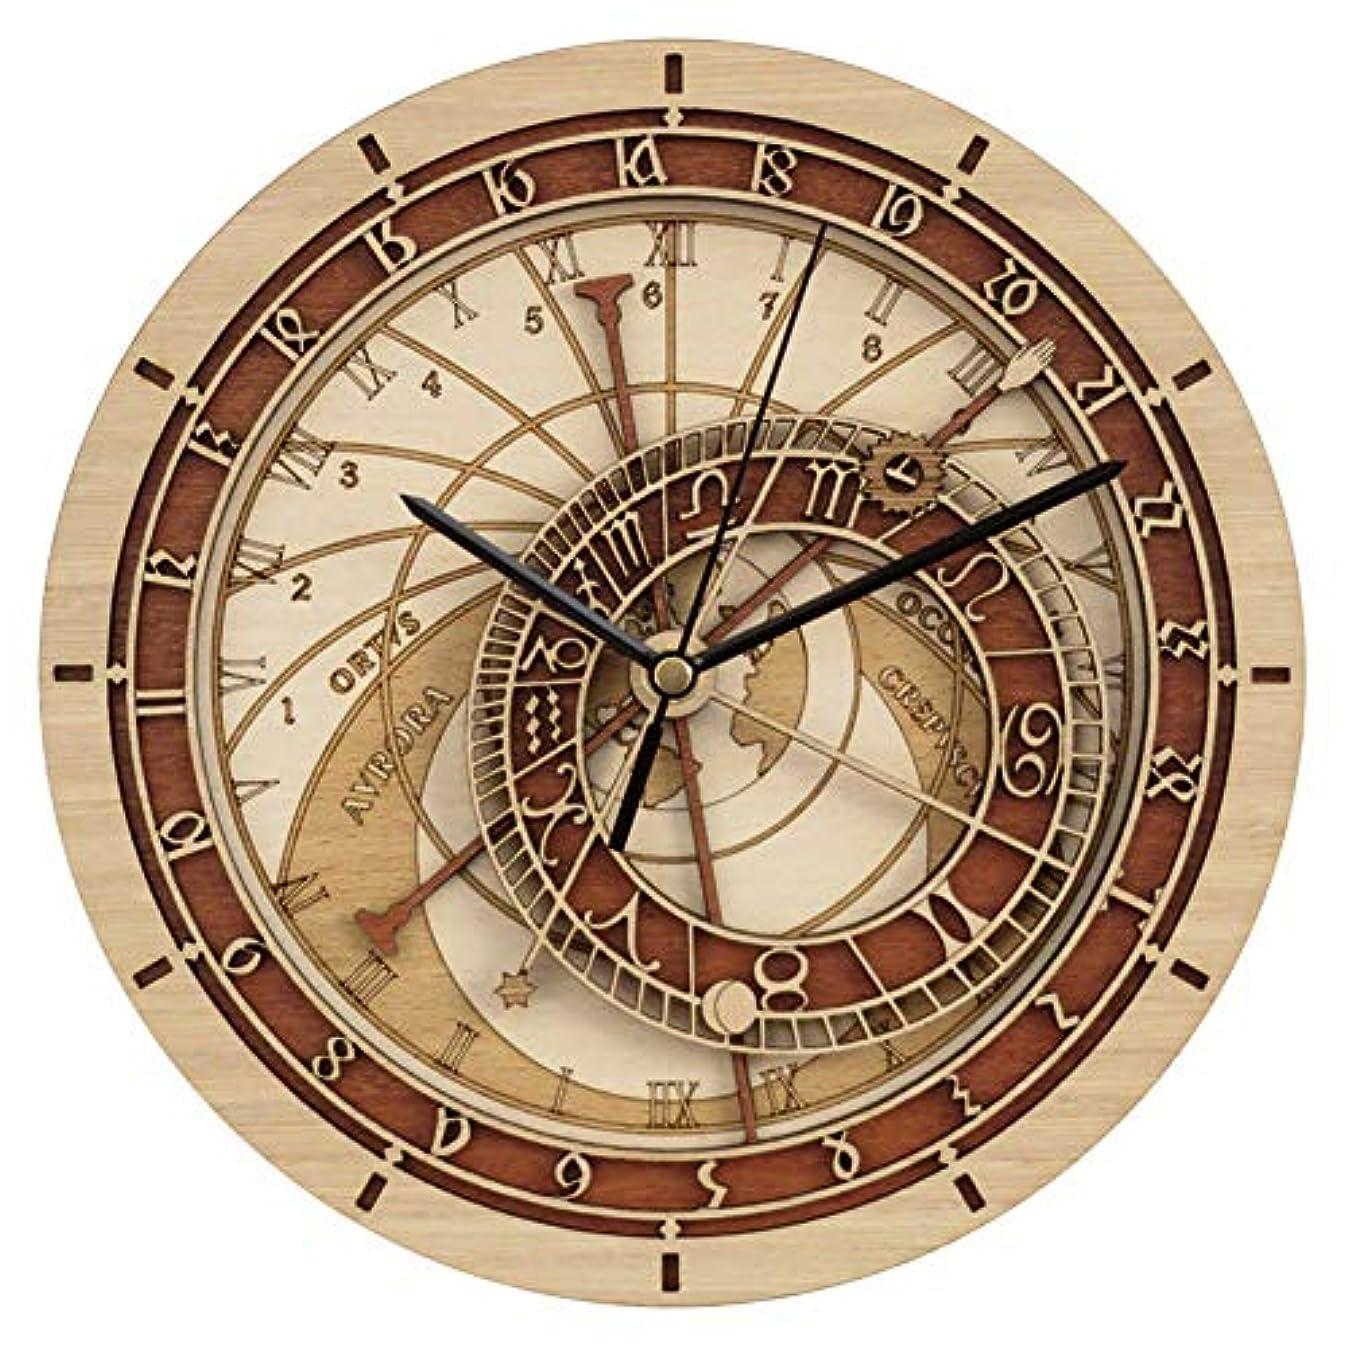 マニュアルお別れ不正プラハ天文木製壁掛け時計、ラウンド12インチ/ 30CMフレームレス天文学12星座サイレントクォーツ時計、ファッションホームデコレーション壁掛け時